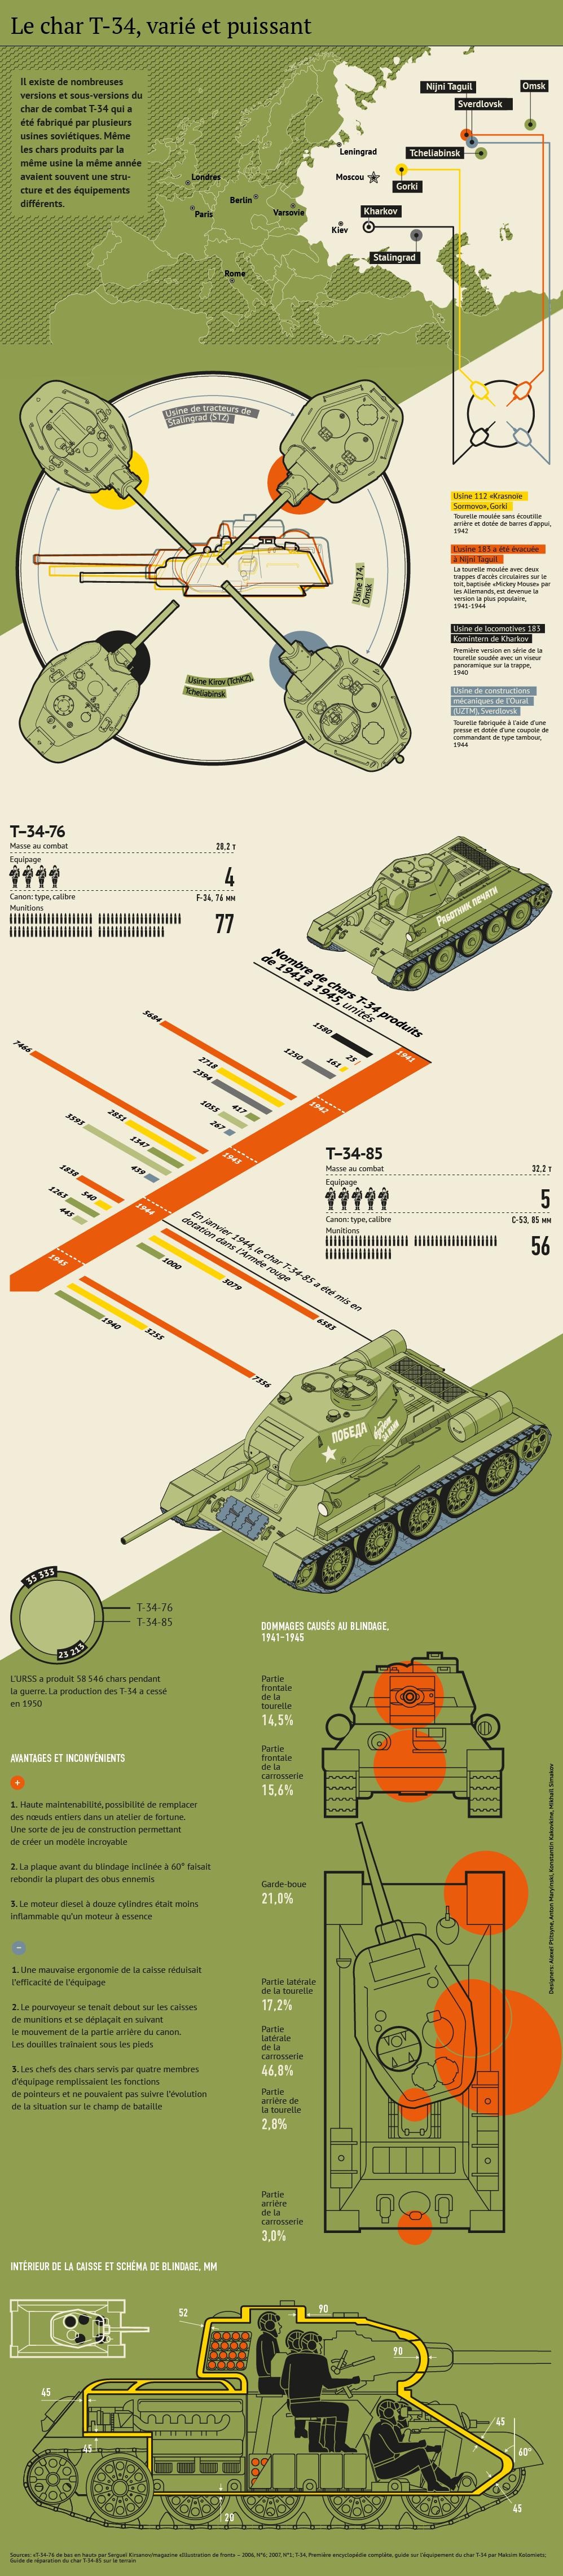 Documentations front de l'Est et URSS 1015882590